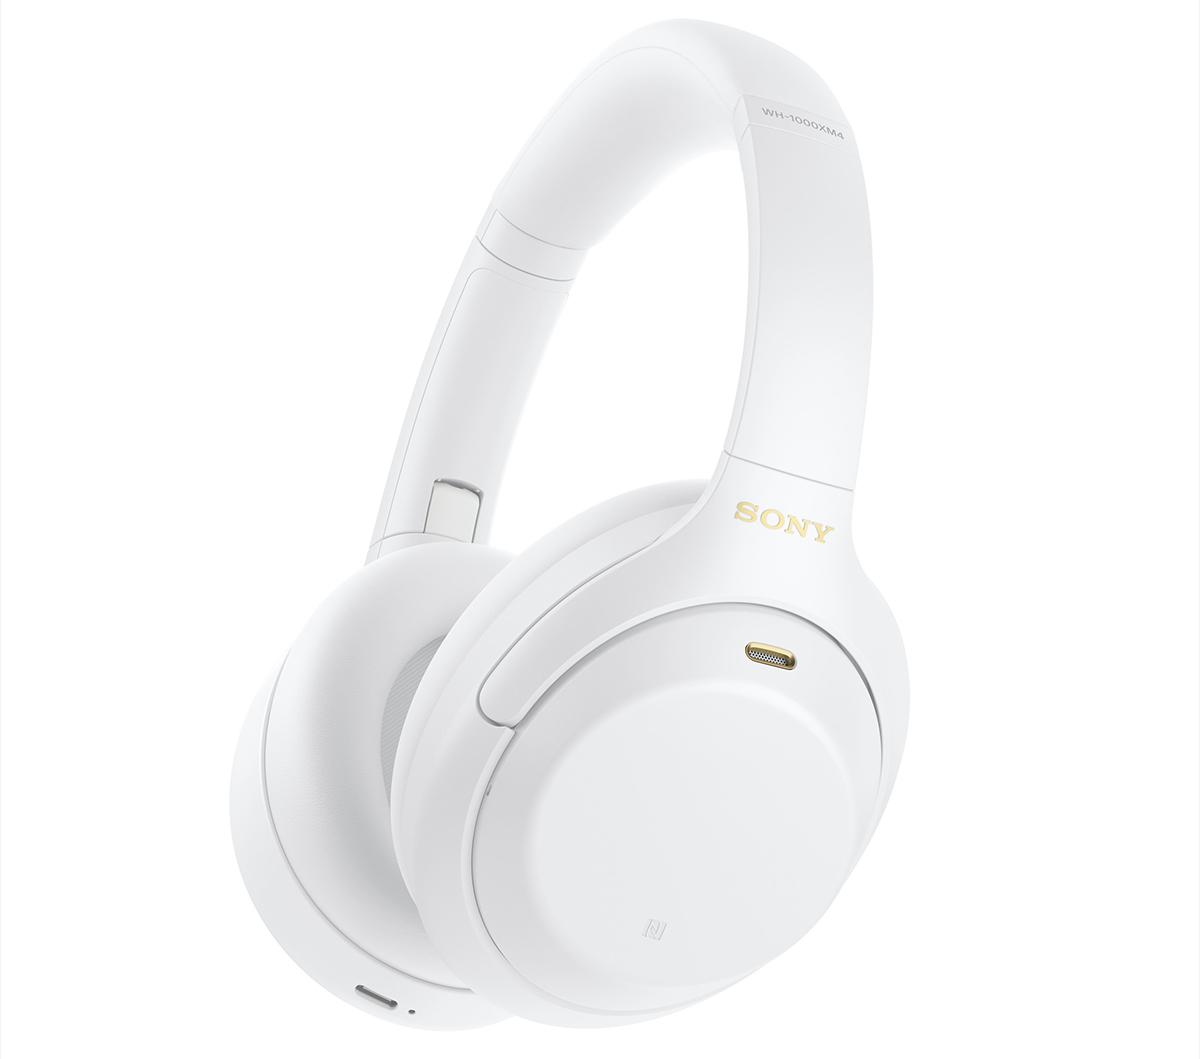 WH-1000XM4W беспроводные наушники Sony, цвет безмятежный белый